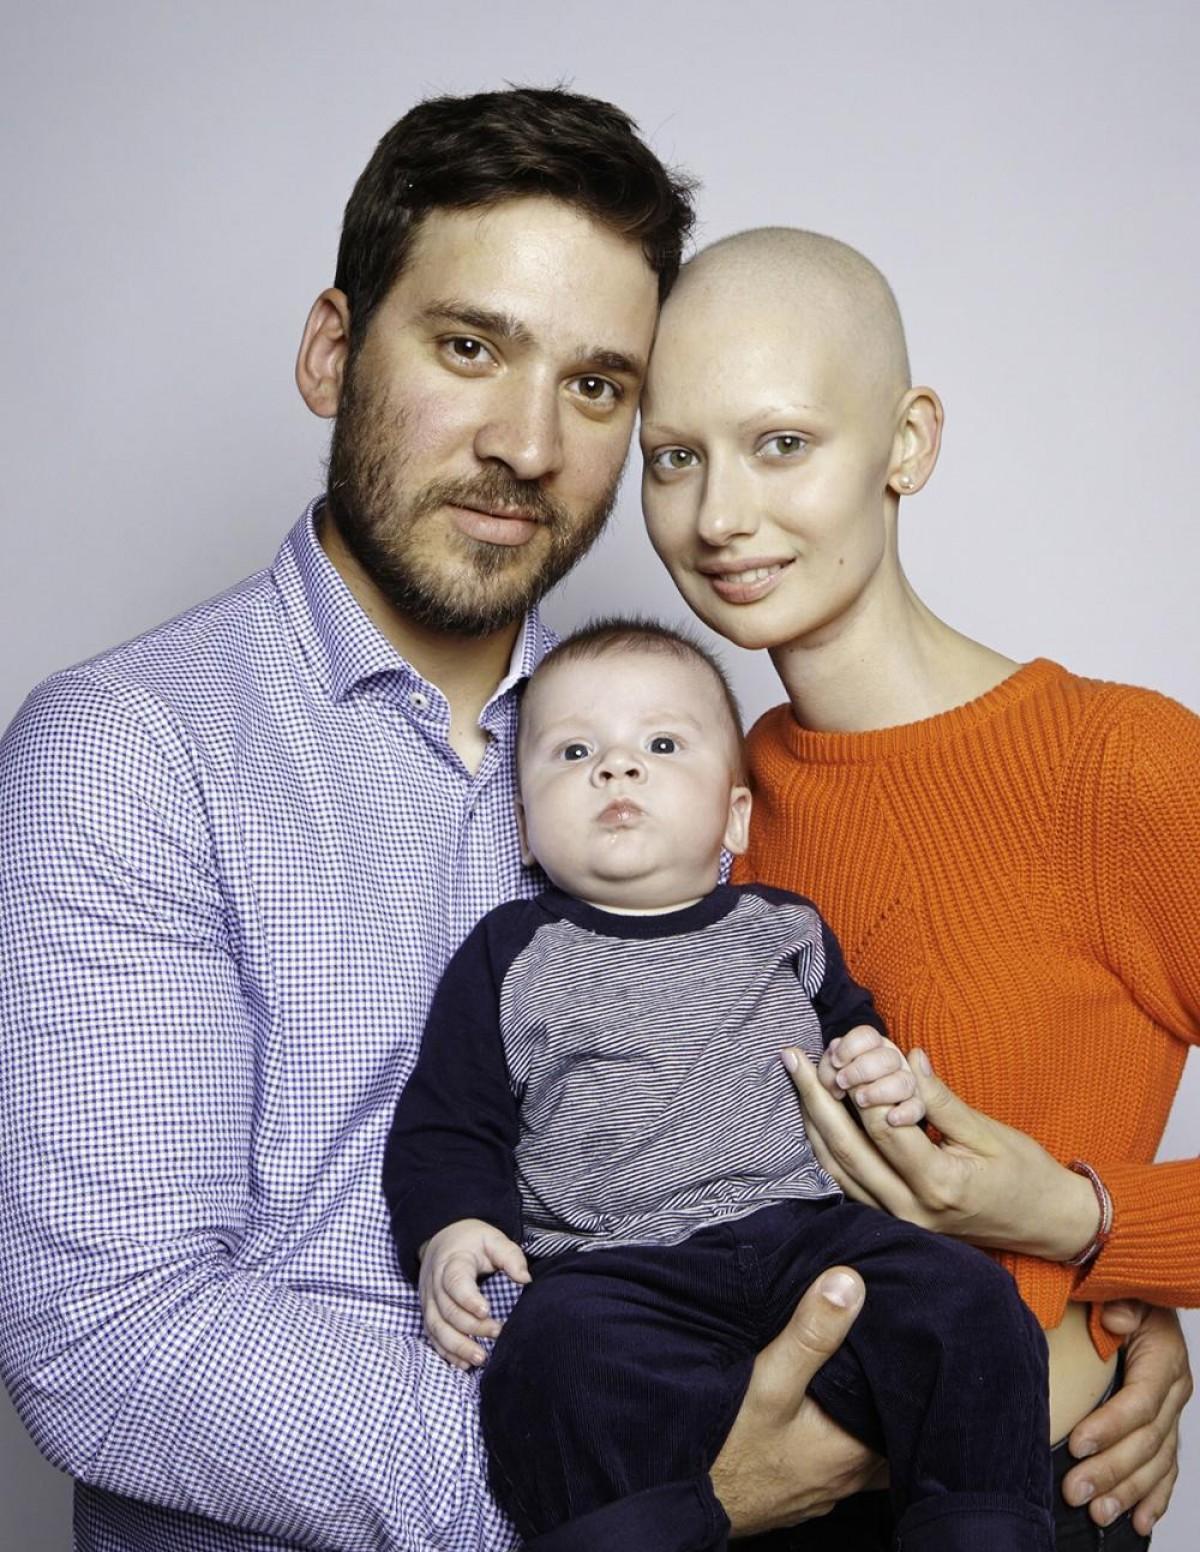 Το μοντέλο που έχασε το σαγόνι της από τον καρκίνο αλλά κράτησε το παιδί της και συνέχισε να πολεμά για την οικογένειά της